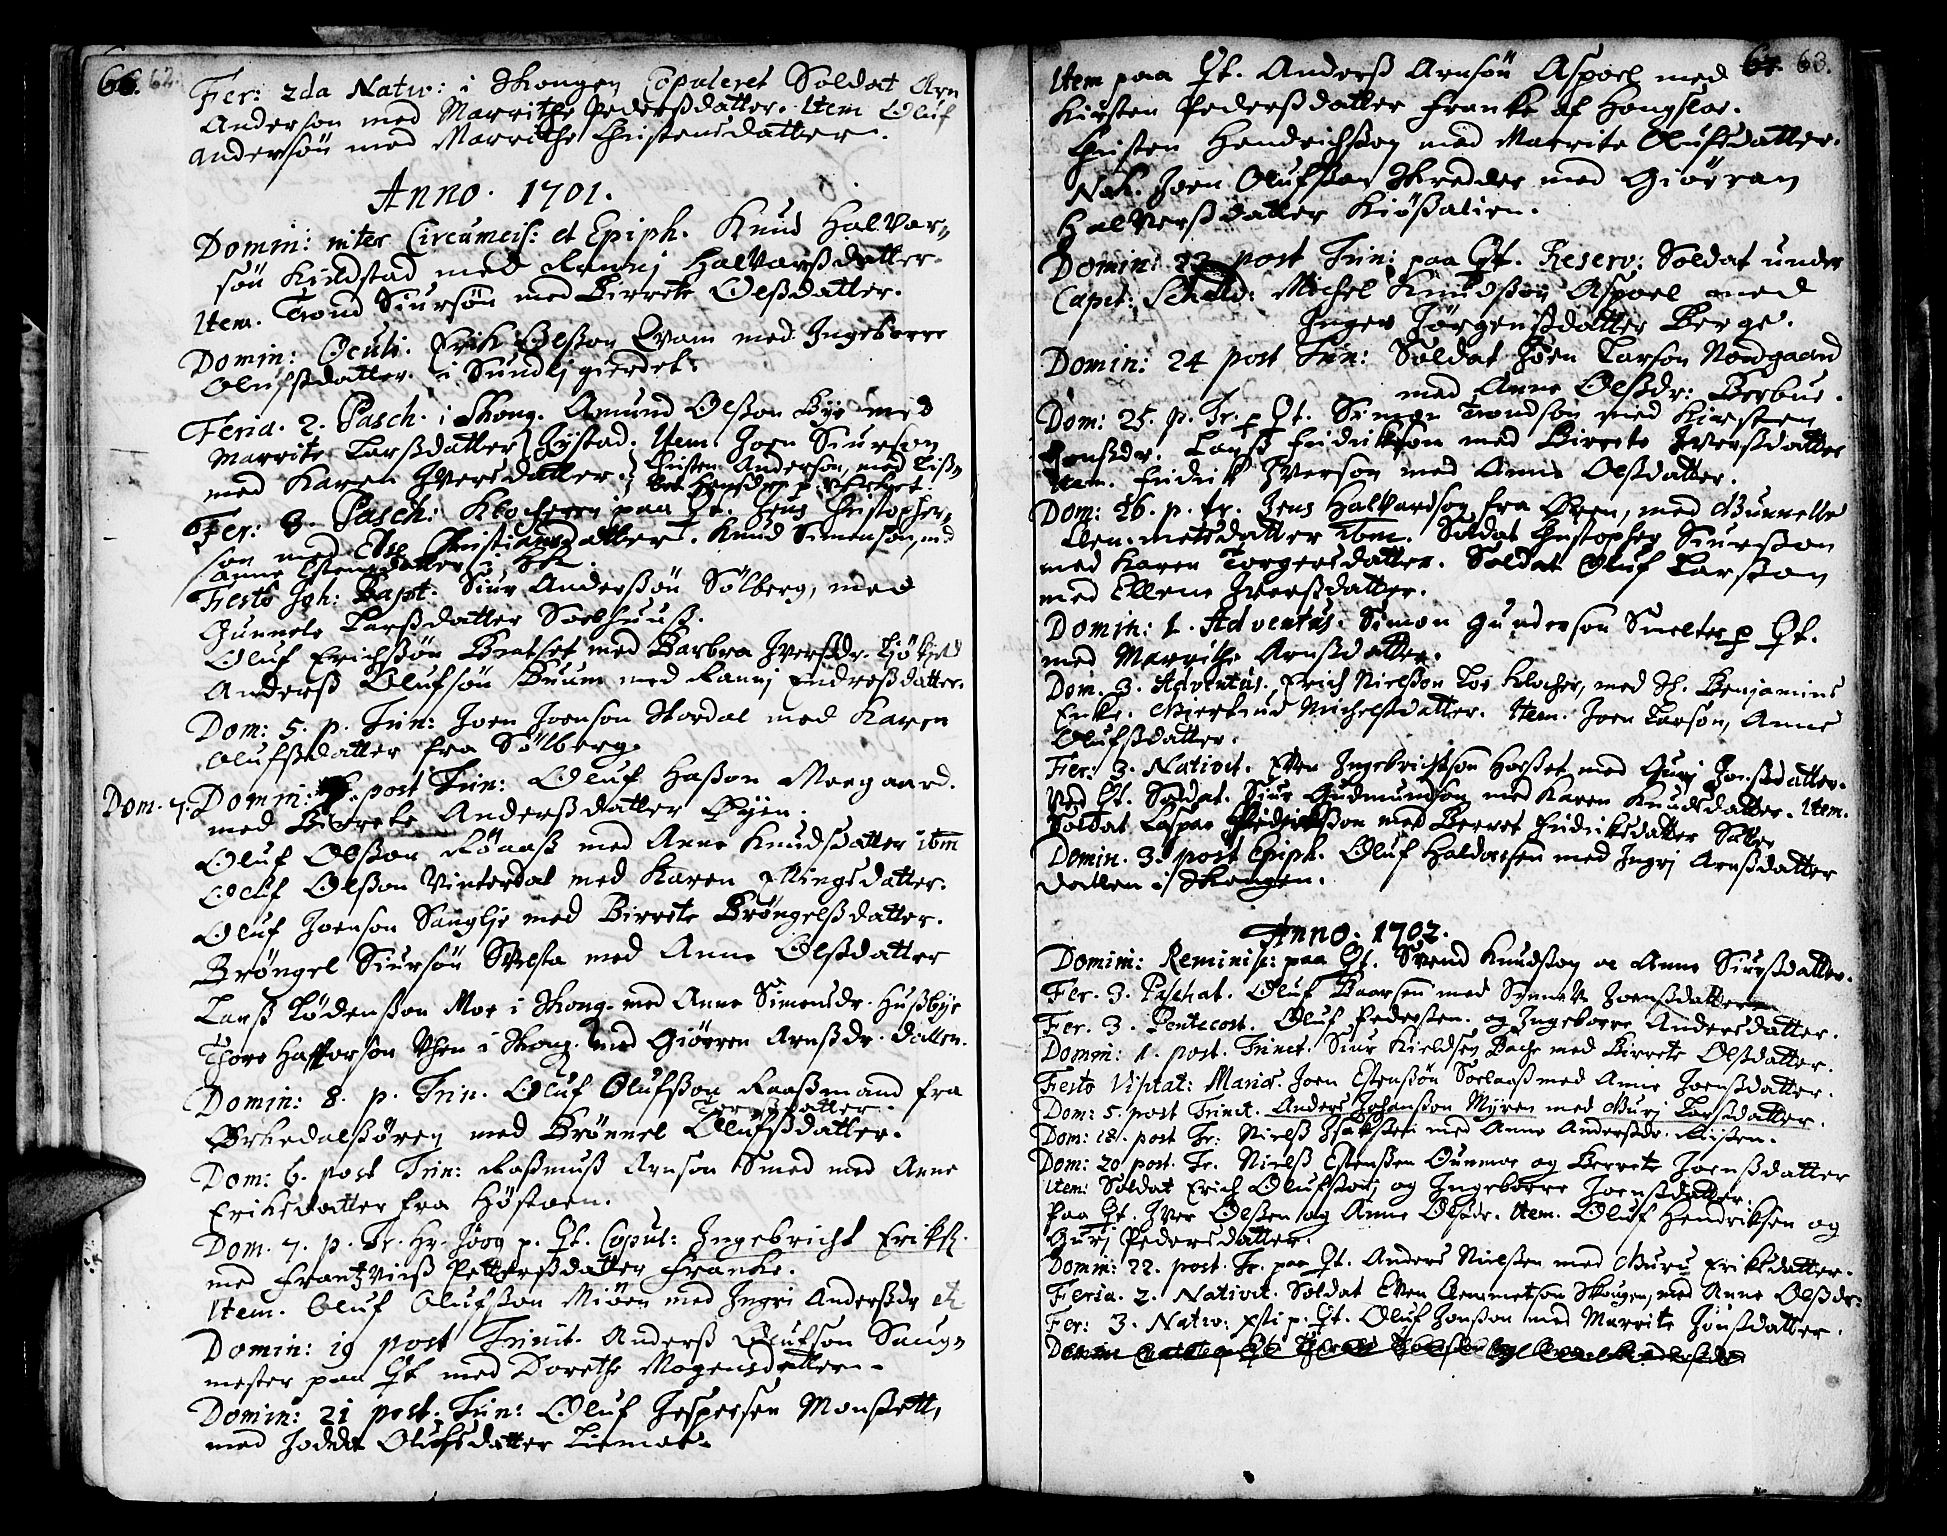 SAT, Ministerialprotokoller, klokkerbøker og fødselsregistre - Sør-Trøndelag, 668/L0801: Ministerialbok nr. 668A01, 1695-1716, s. 62-63